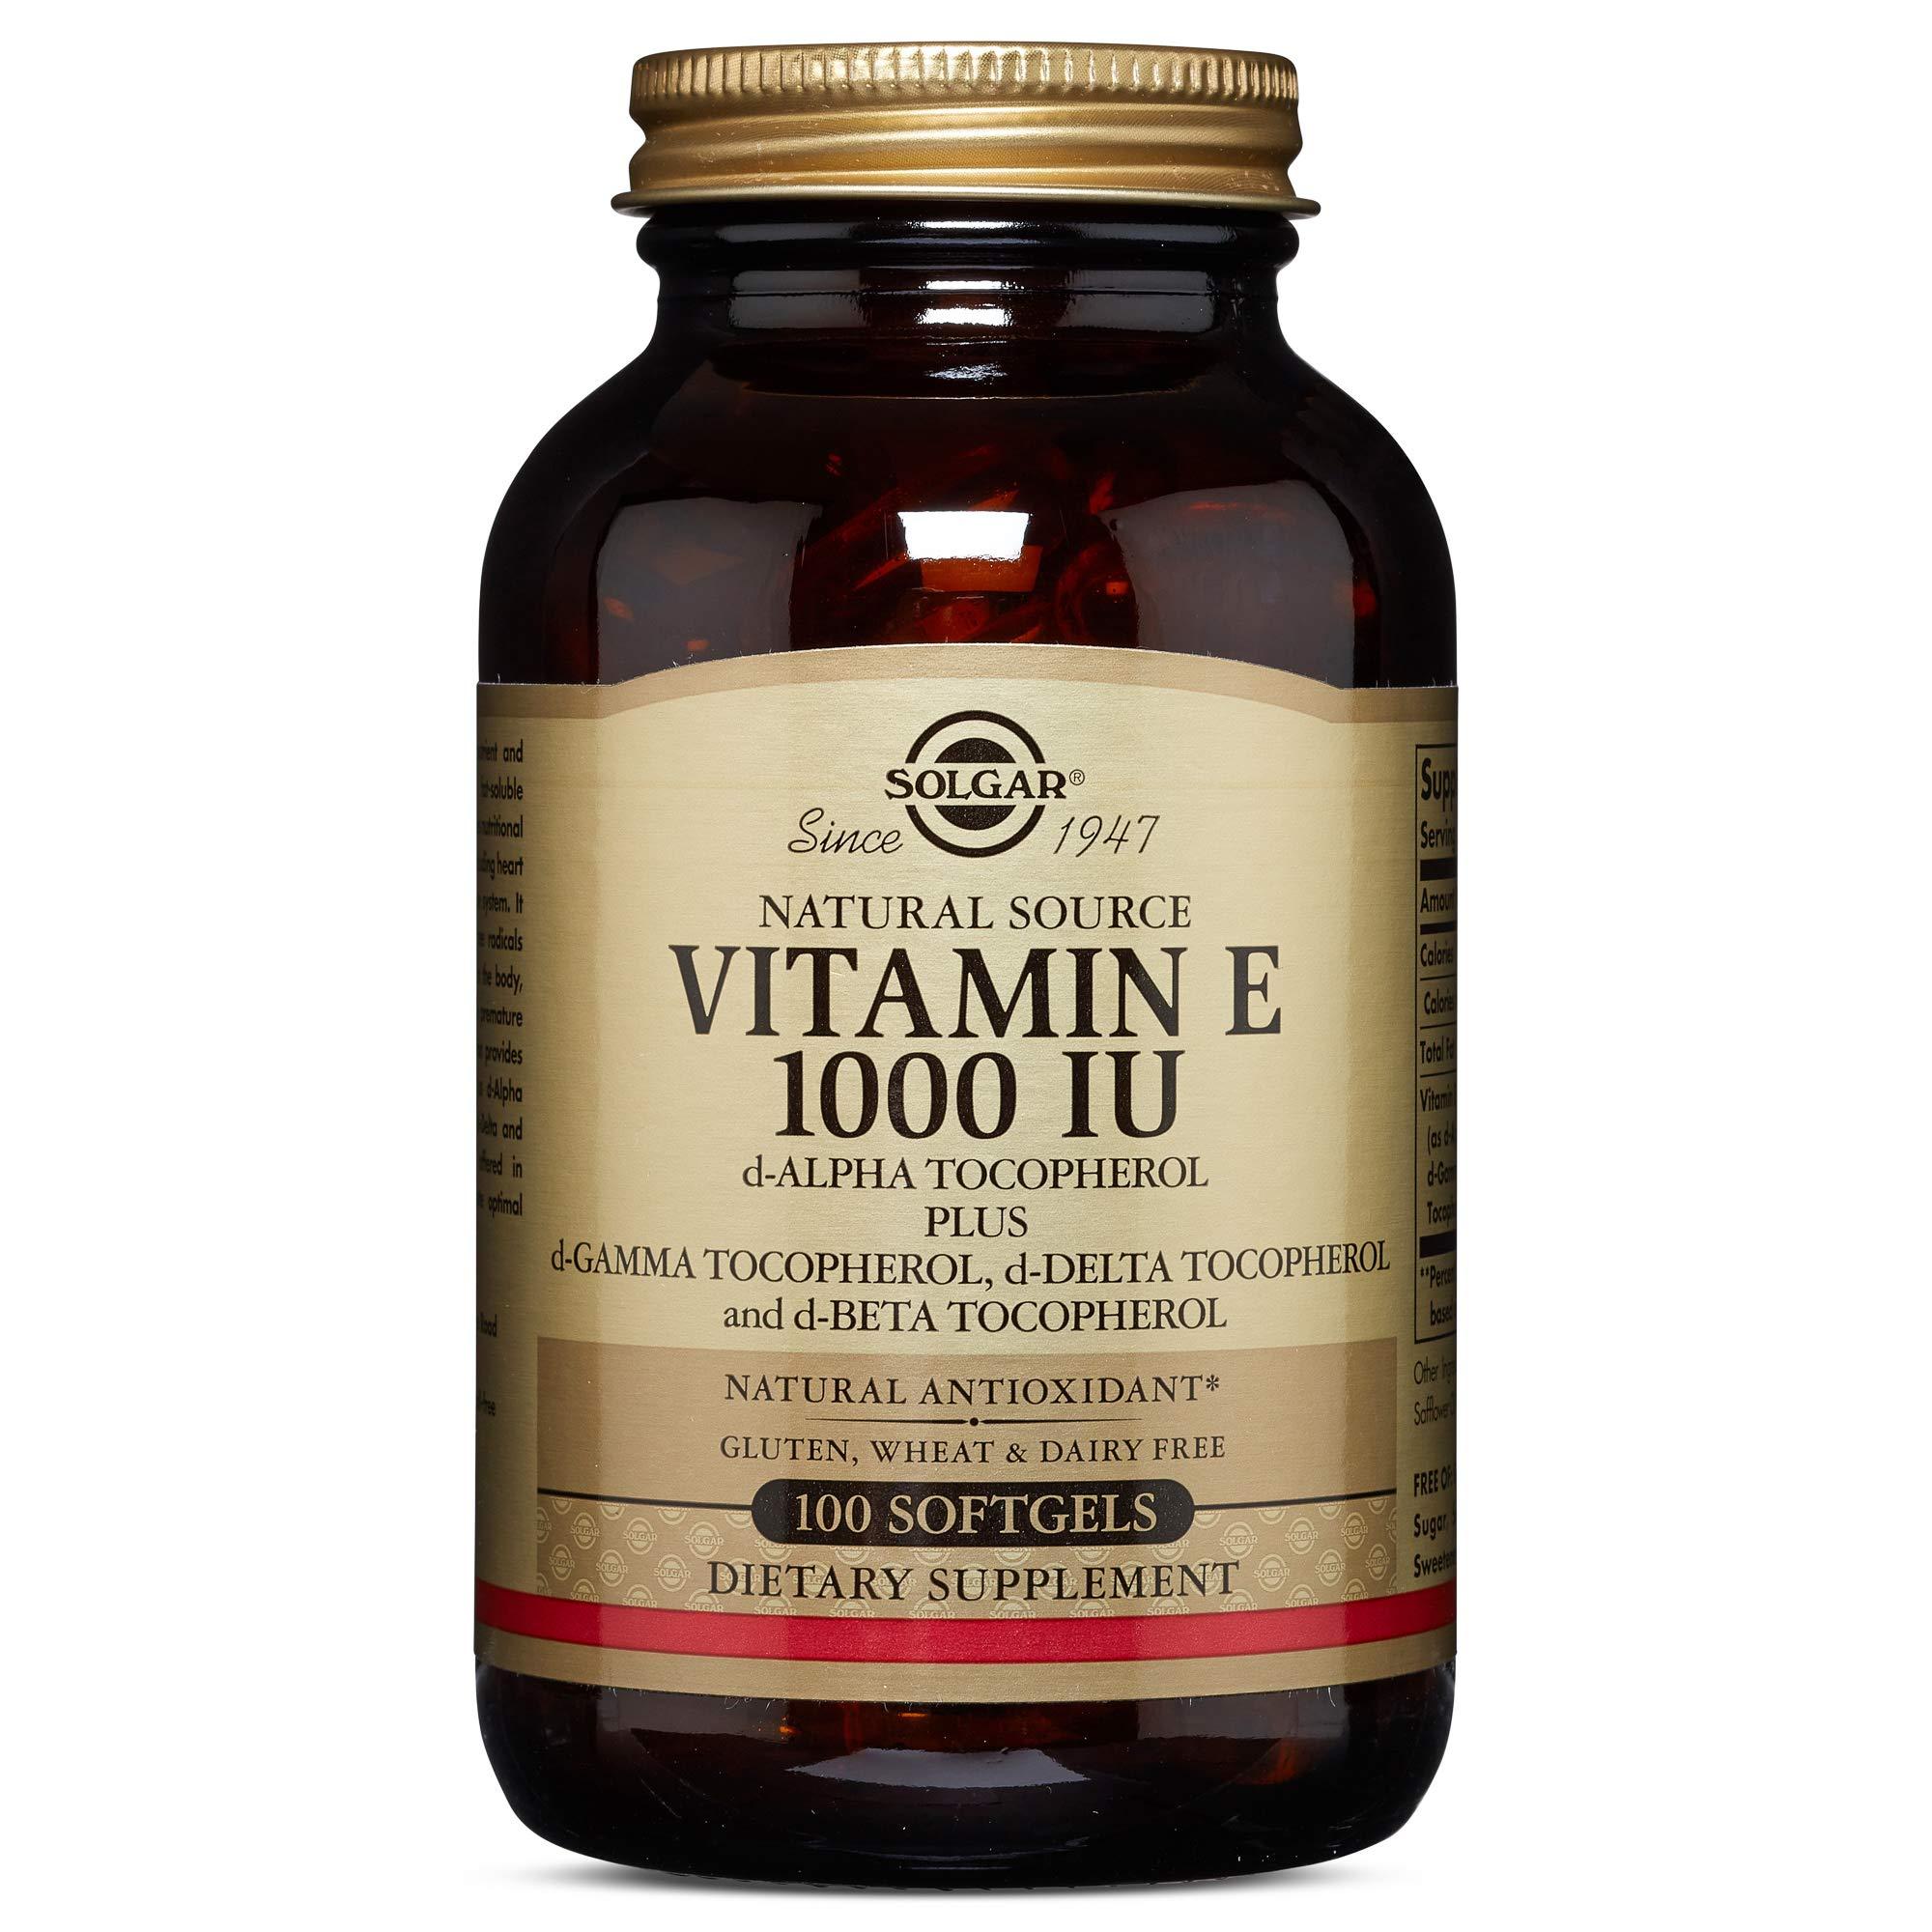 Solgar - Vitamin E 1000 IU (D-alpha Tocopherol and Mixed Tocopherols), 100 Vegetarian Softgels